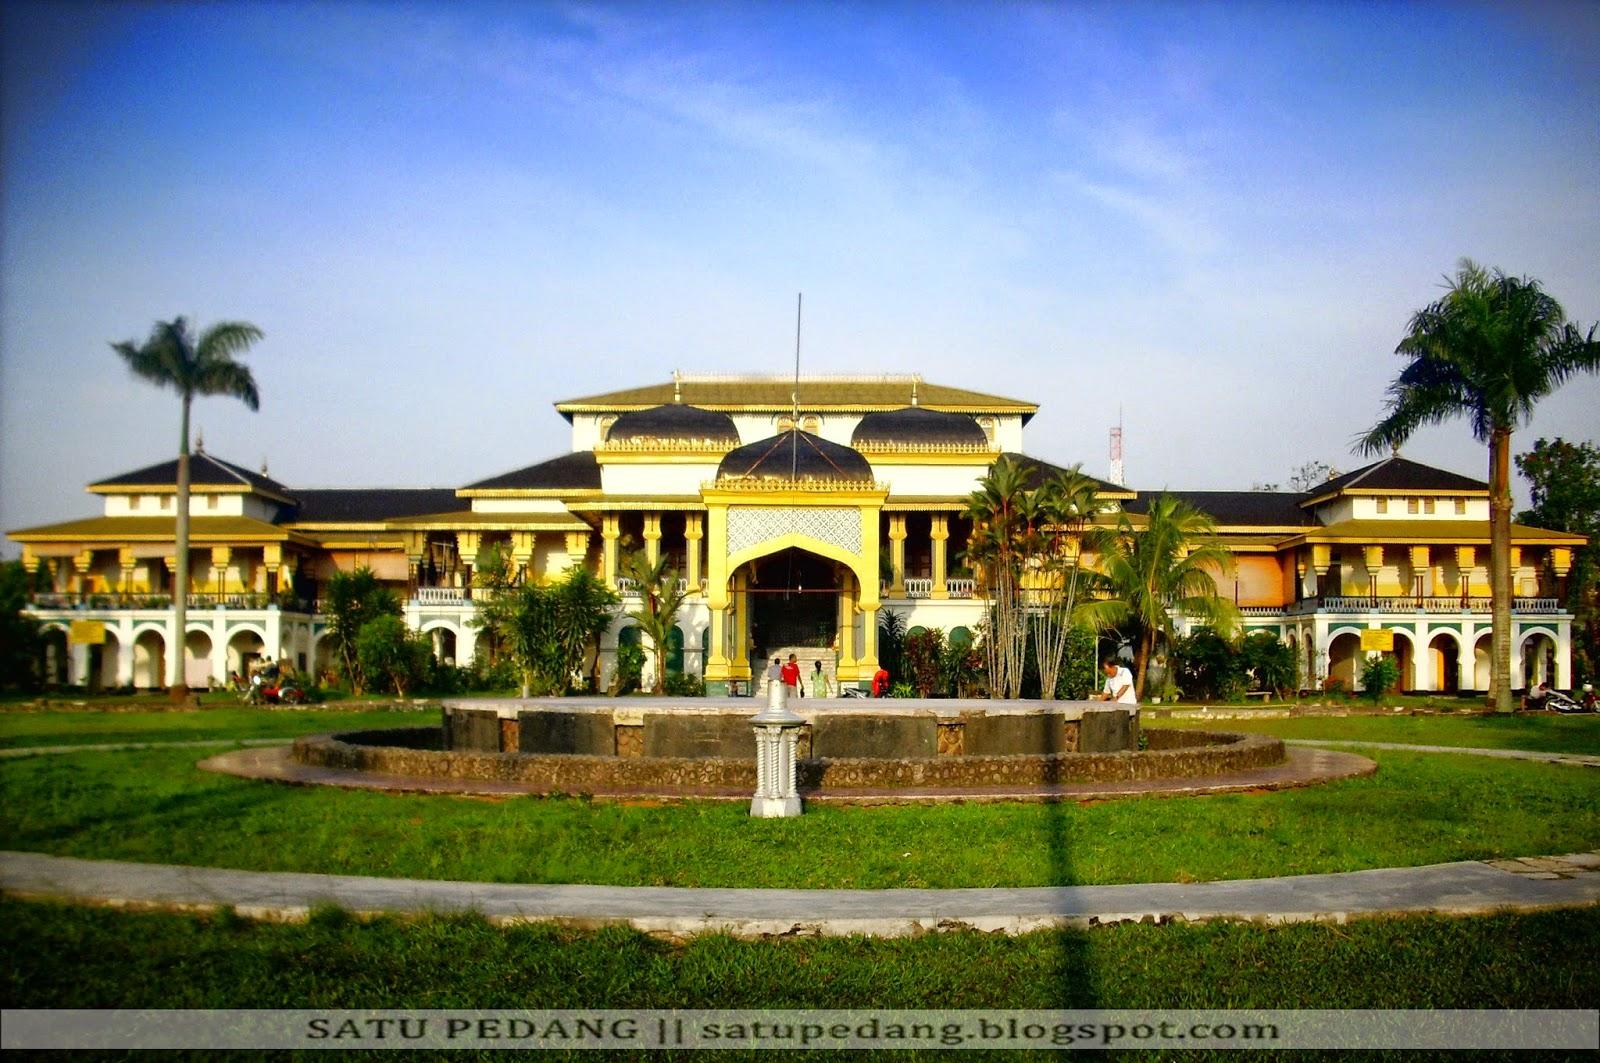 Sejarah Istana Maimun Meriam Puntung Asal Usul Kota Medan